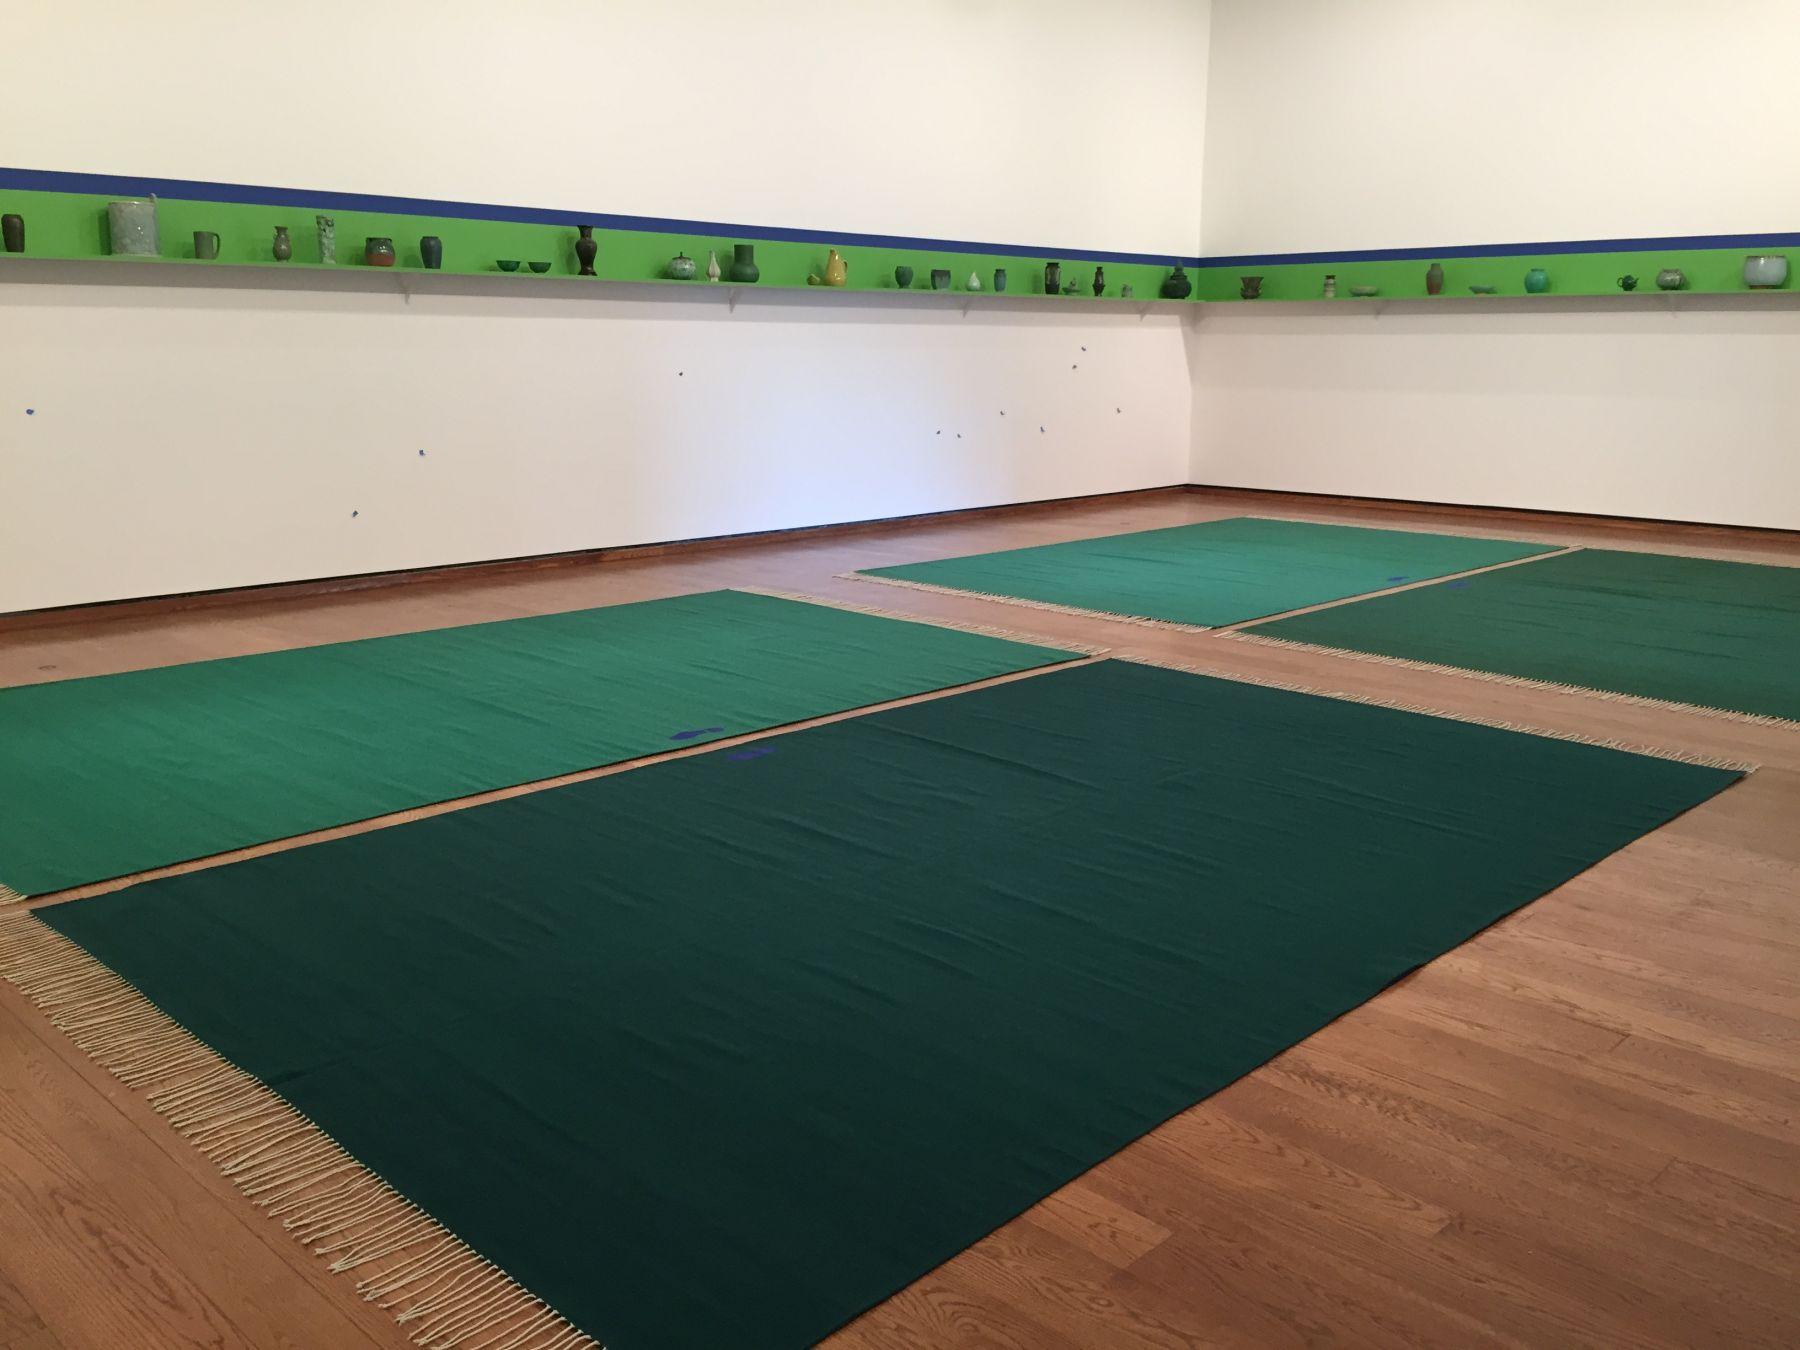 Evergreen (2015) Installation view